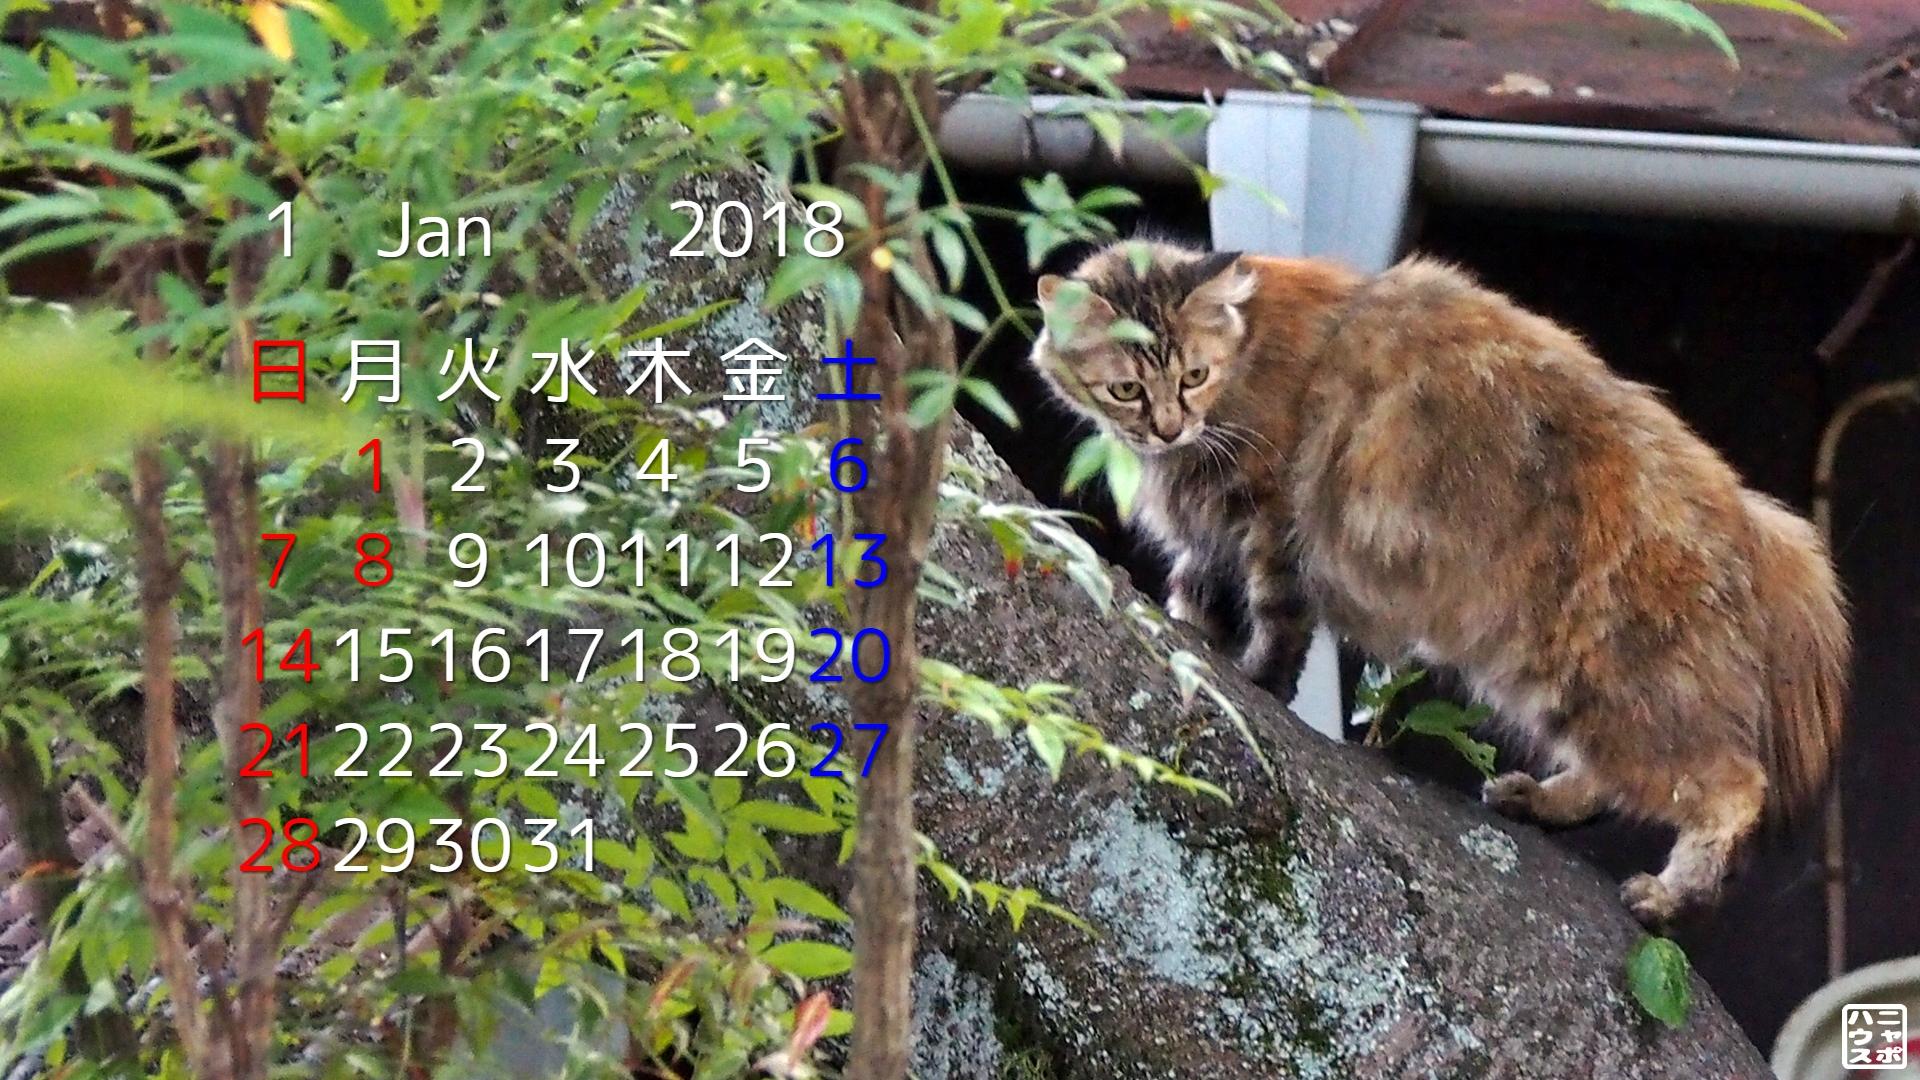 2018年1月 猫デスクトップカレンダー